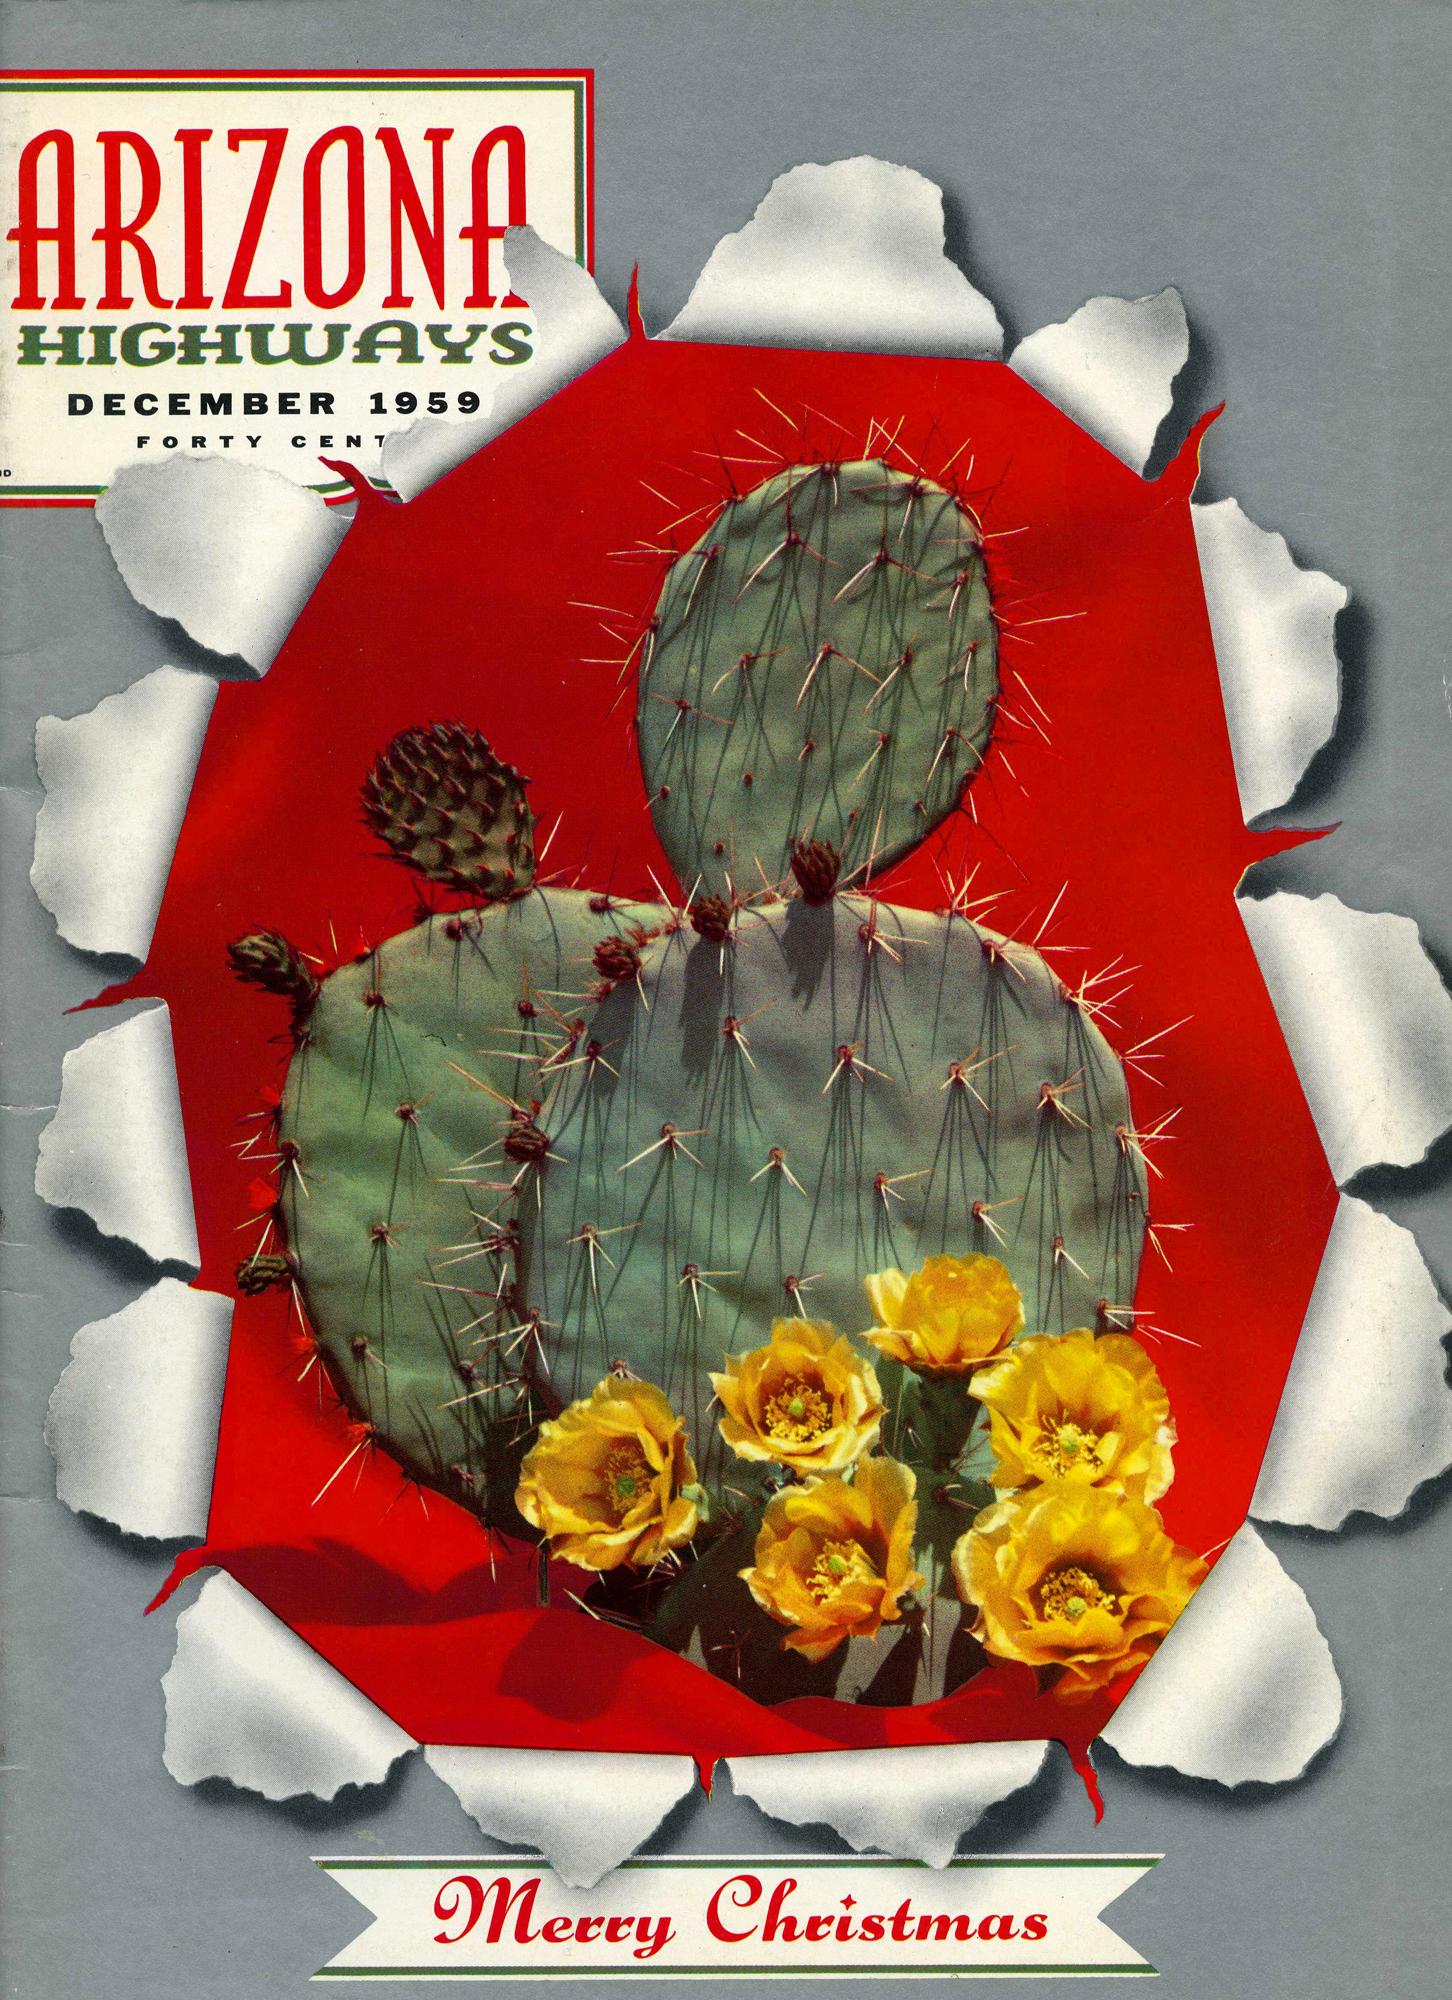 Arizona Highways - published December 1959